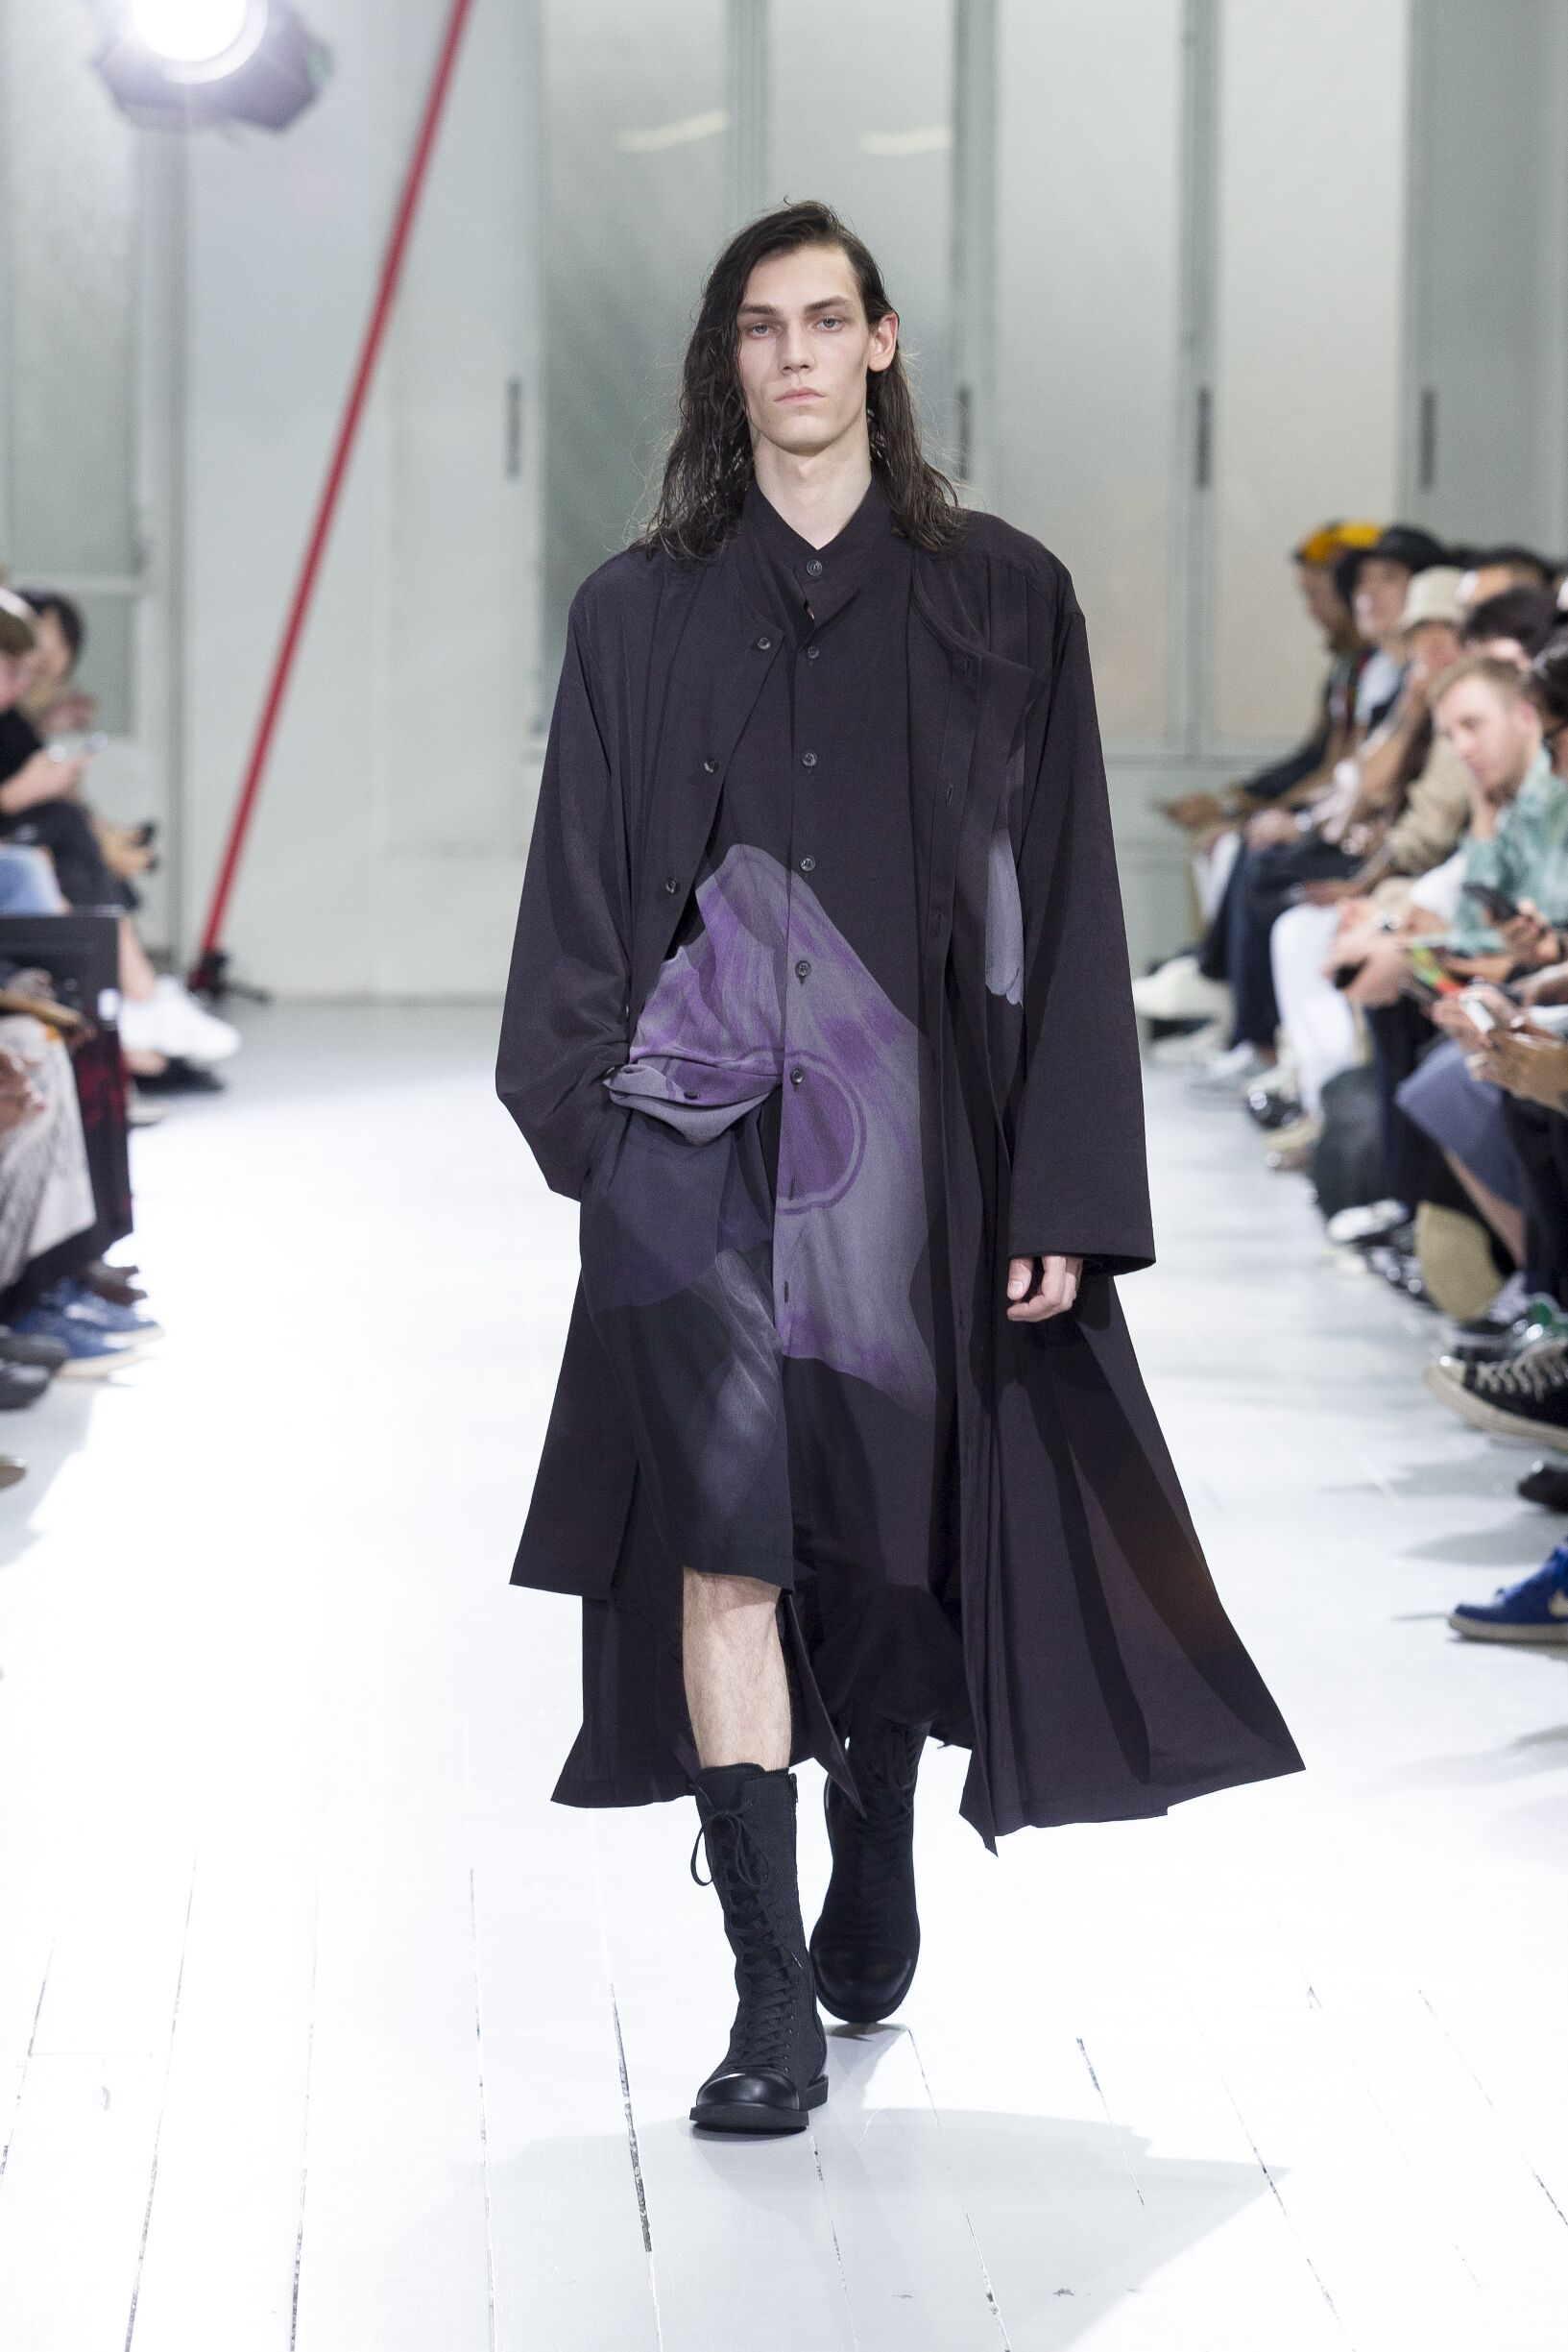 Yohji Yamamoto SS 2020 Menswear